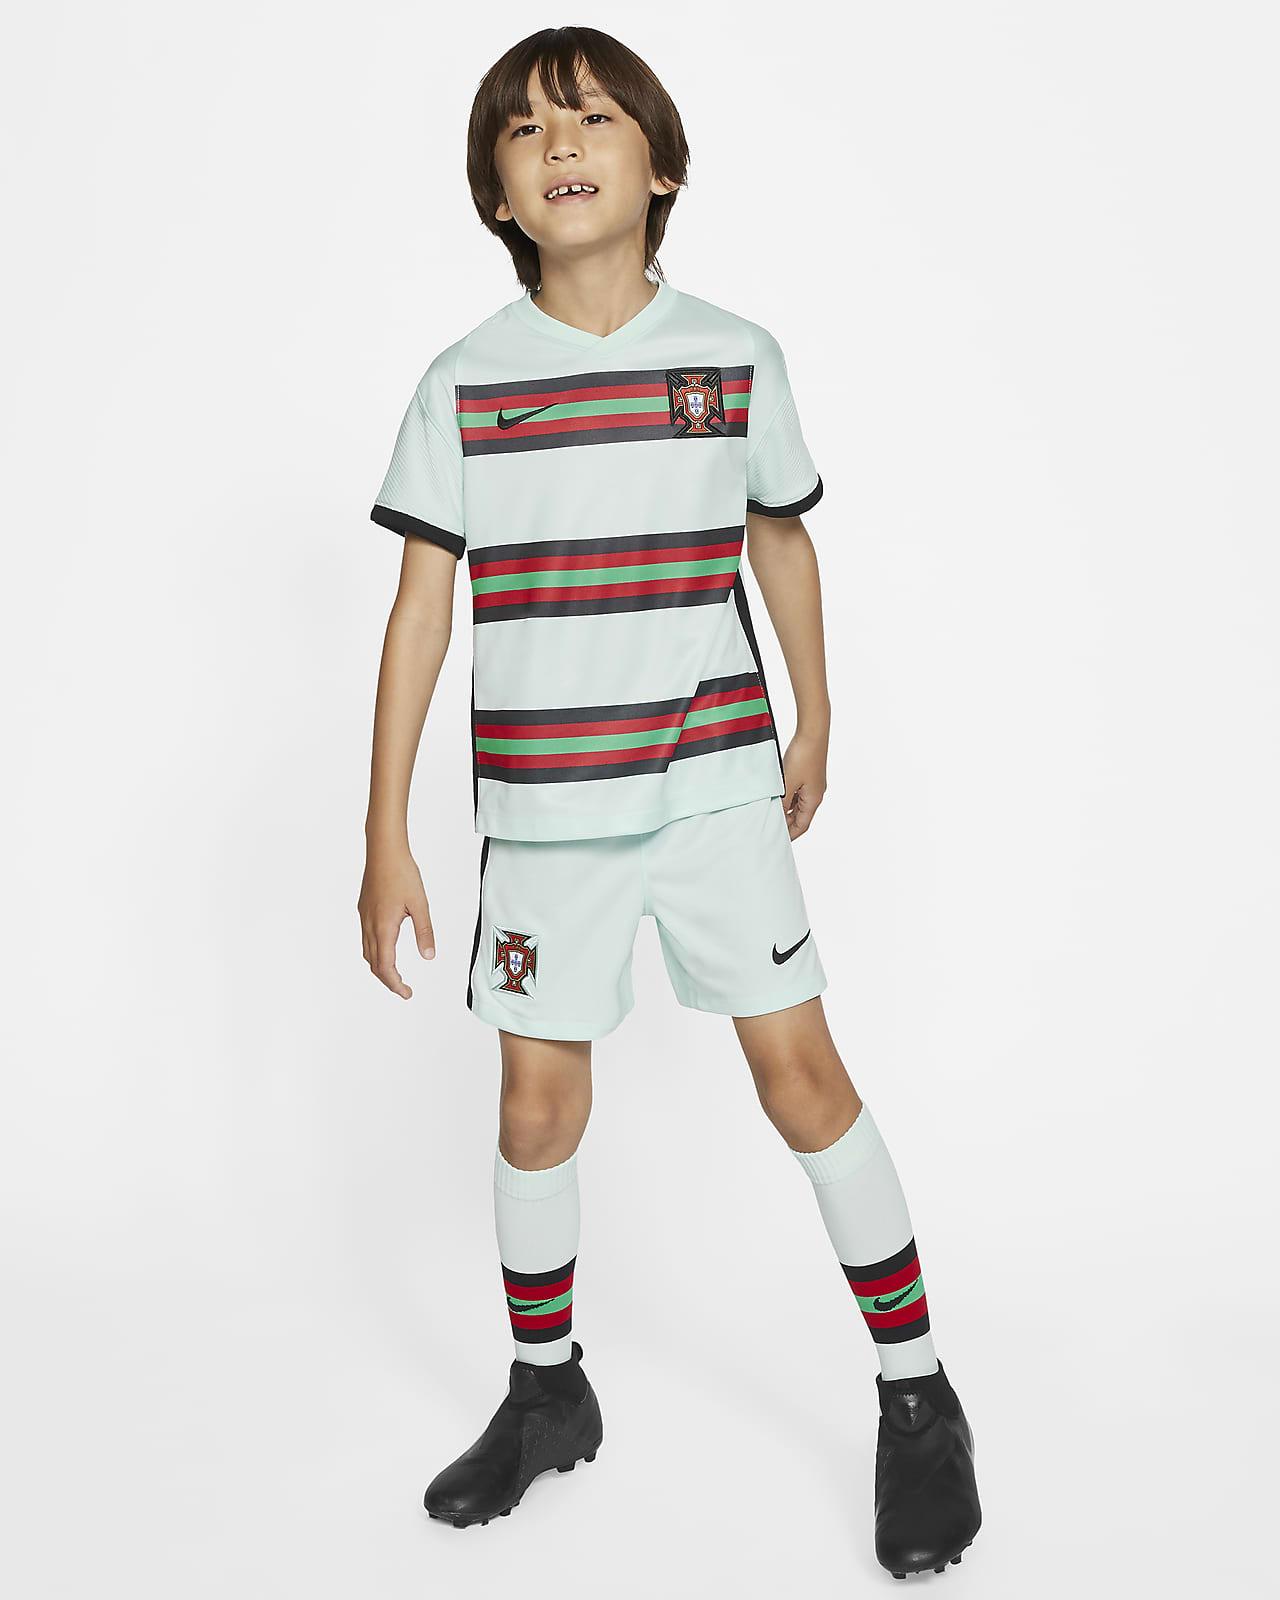 Футбольный комплект для дошкольников с символикой выездной формы сборной Португалии 2020